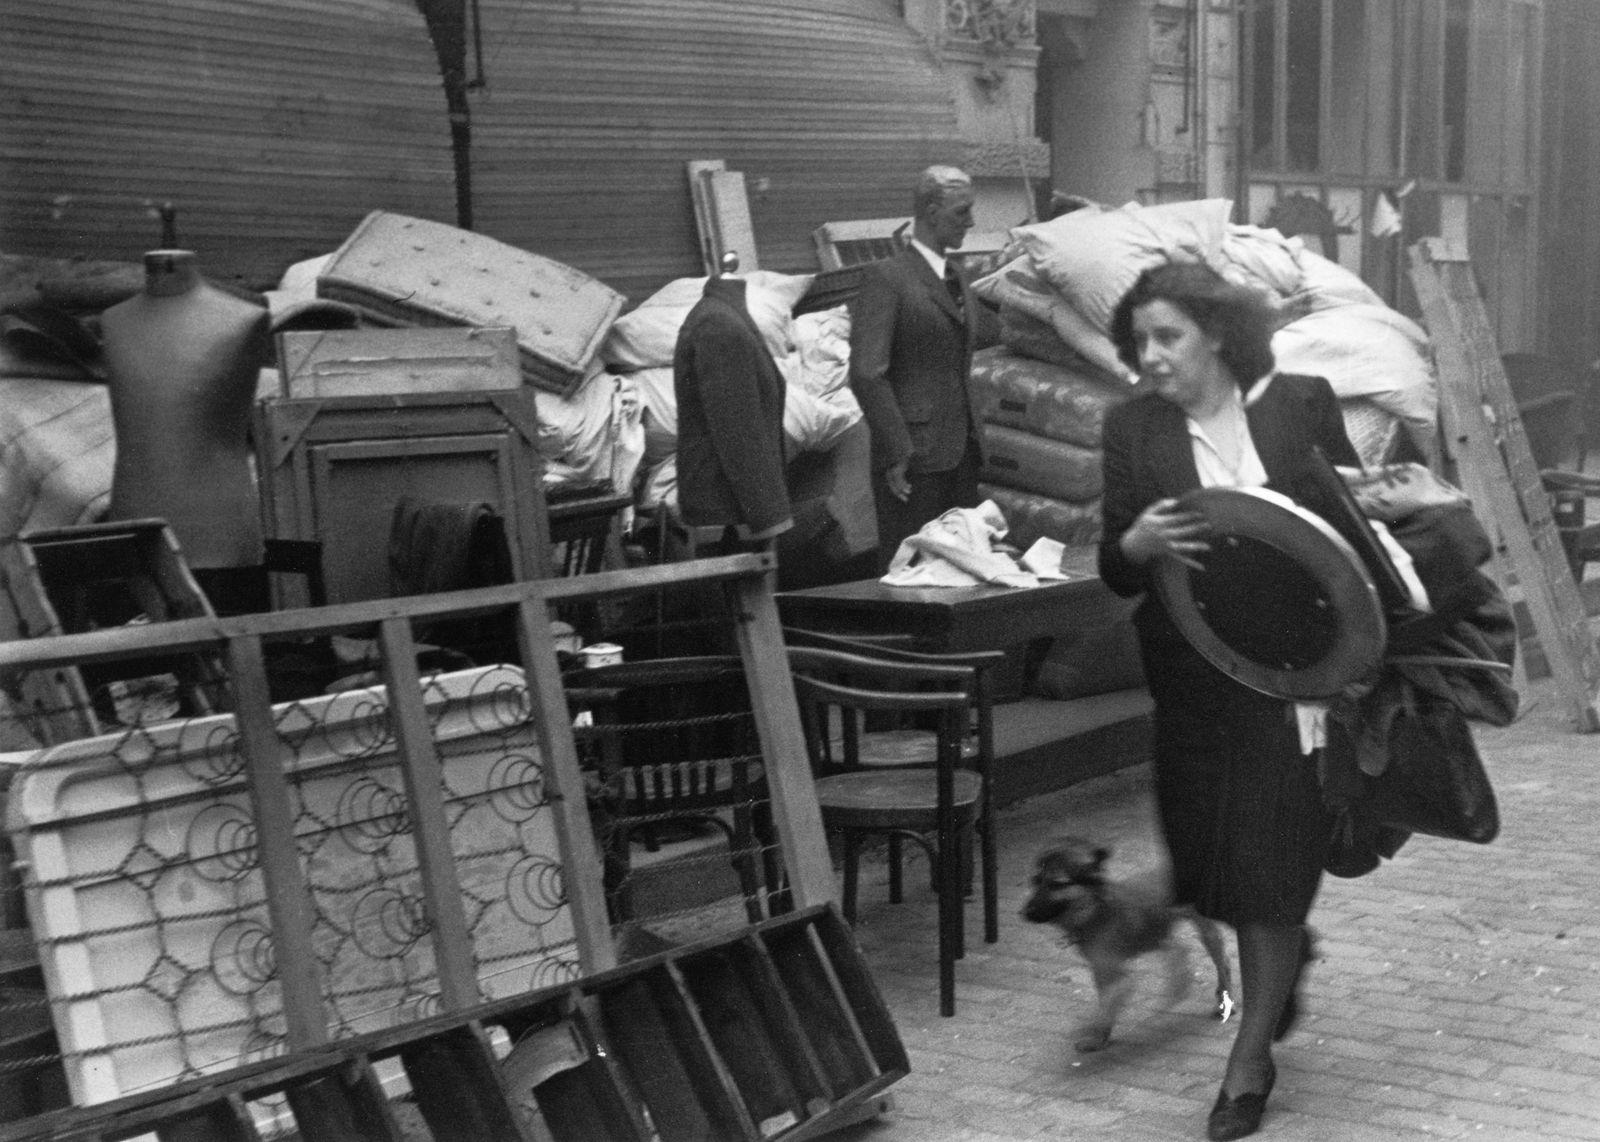 Am Morgen nach einem schweren Luftangriff der Alliierten - eine Frau mit Hund